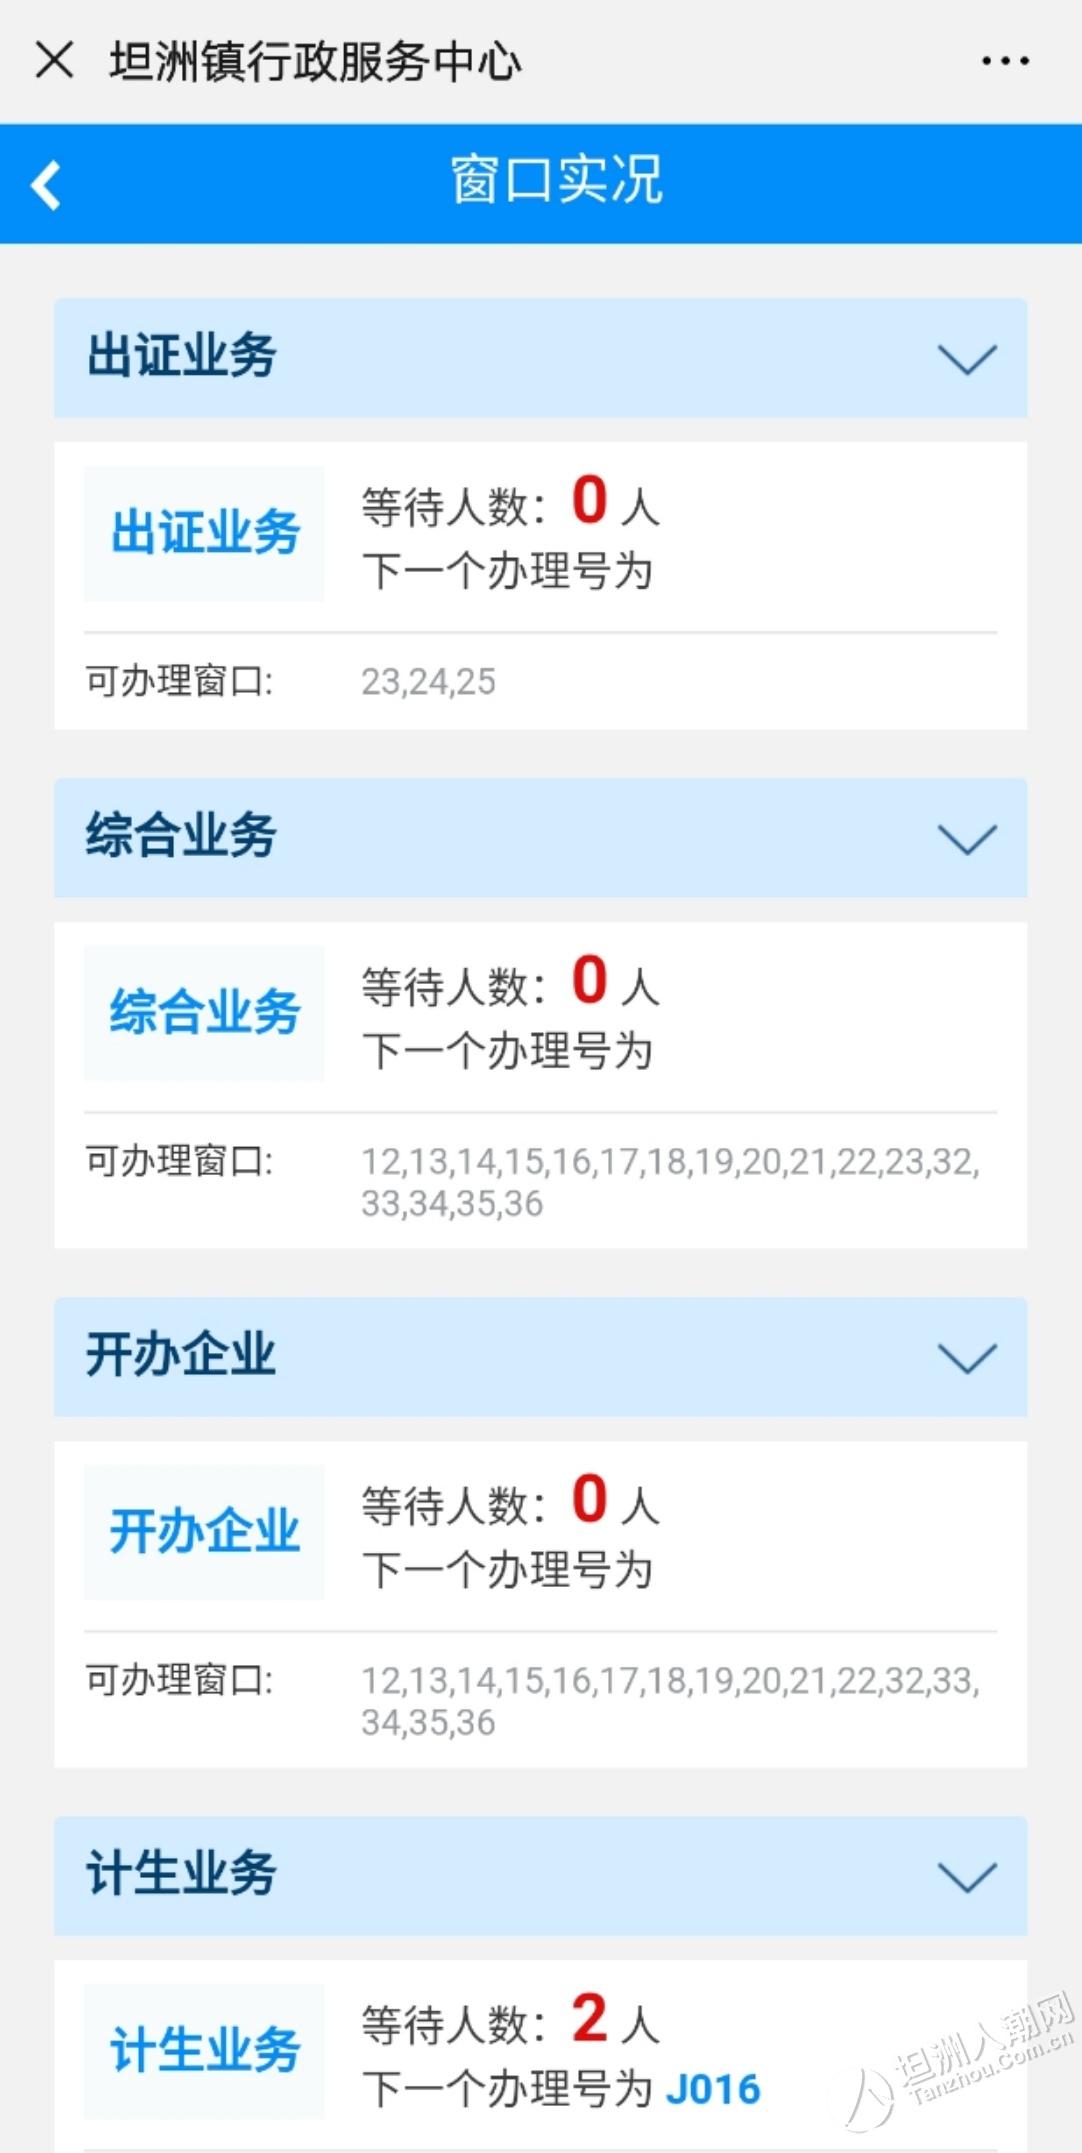 """坦洲镇行政服务中心又纯新""""技能""""!告别排队,微信取号等你来试~"""